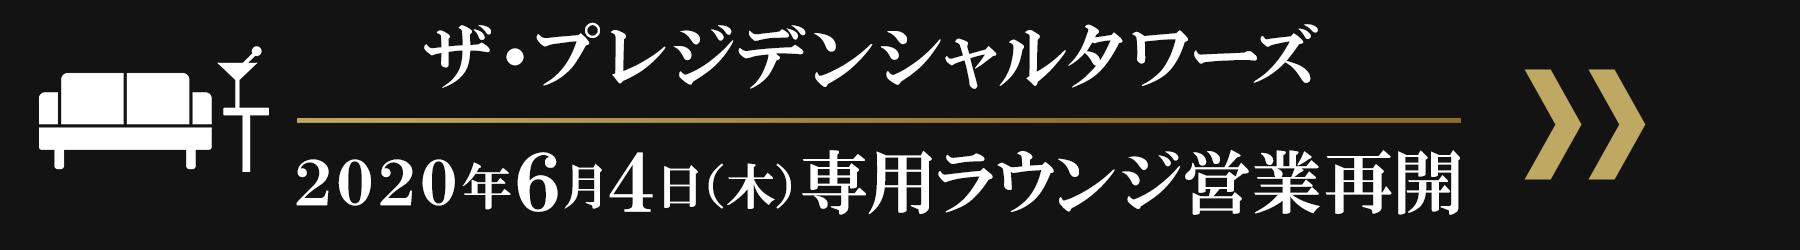 2020年6月4日(木)ザ・プレジデンシャルタワーズ 専用ラウンジ営業再開